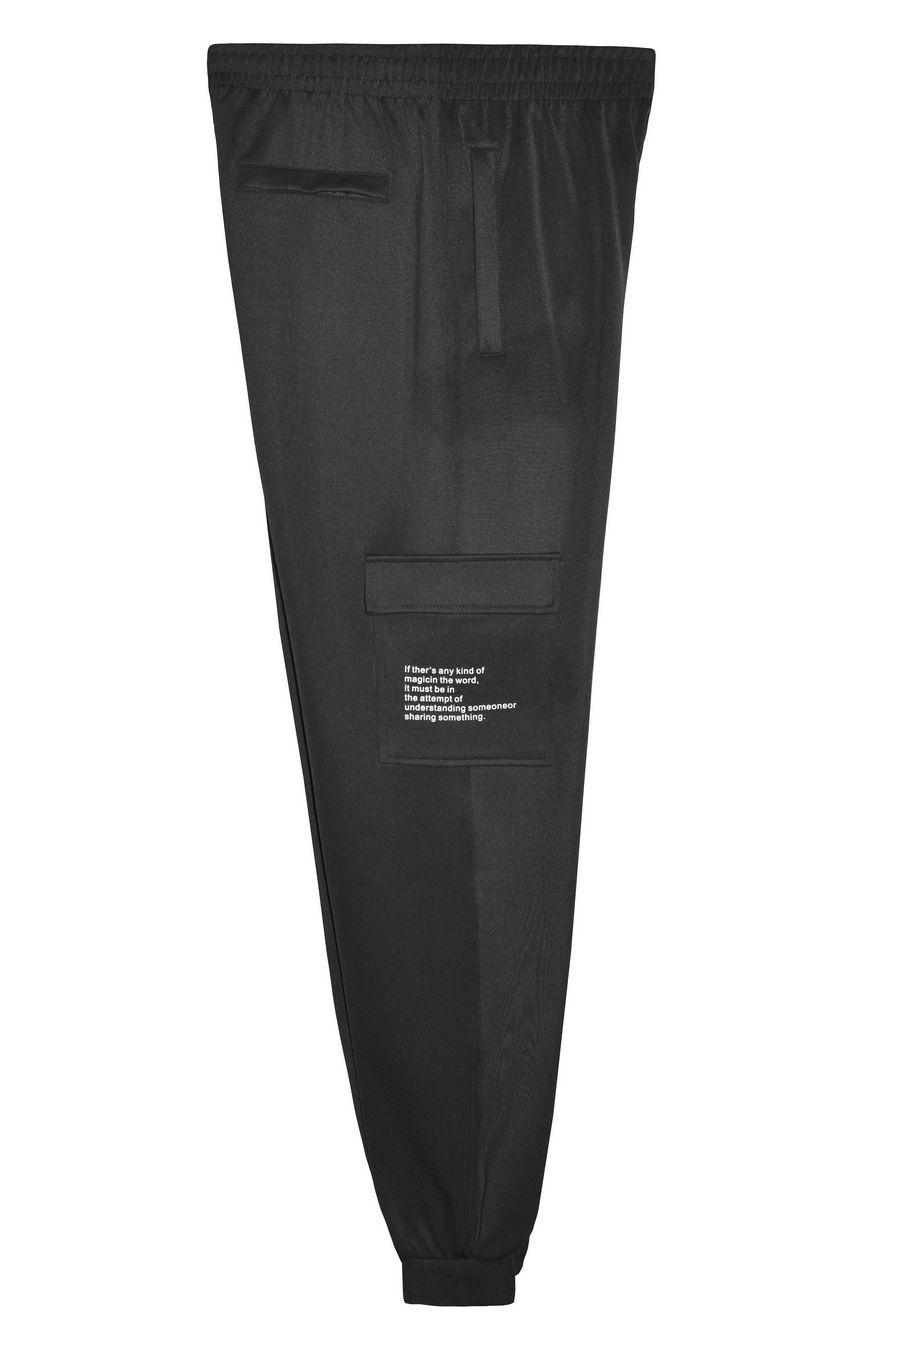 Брюки мужские GL J1081 черные - фото 1